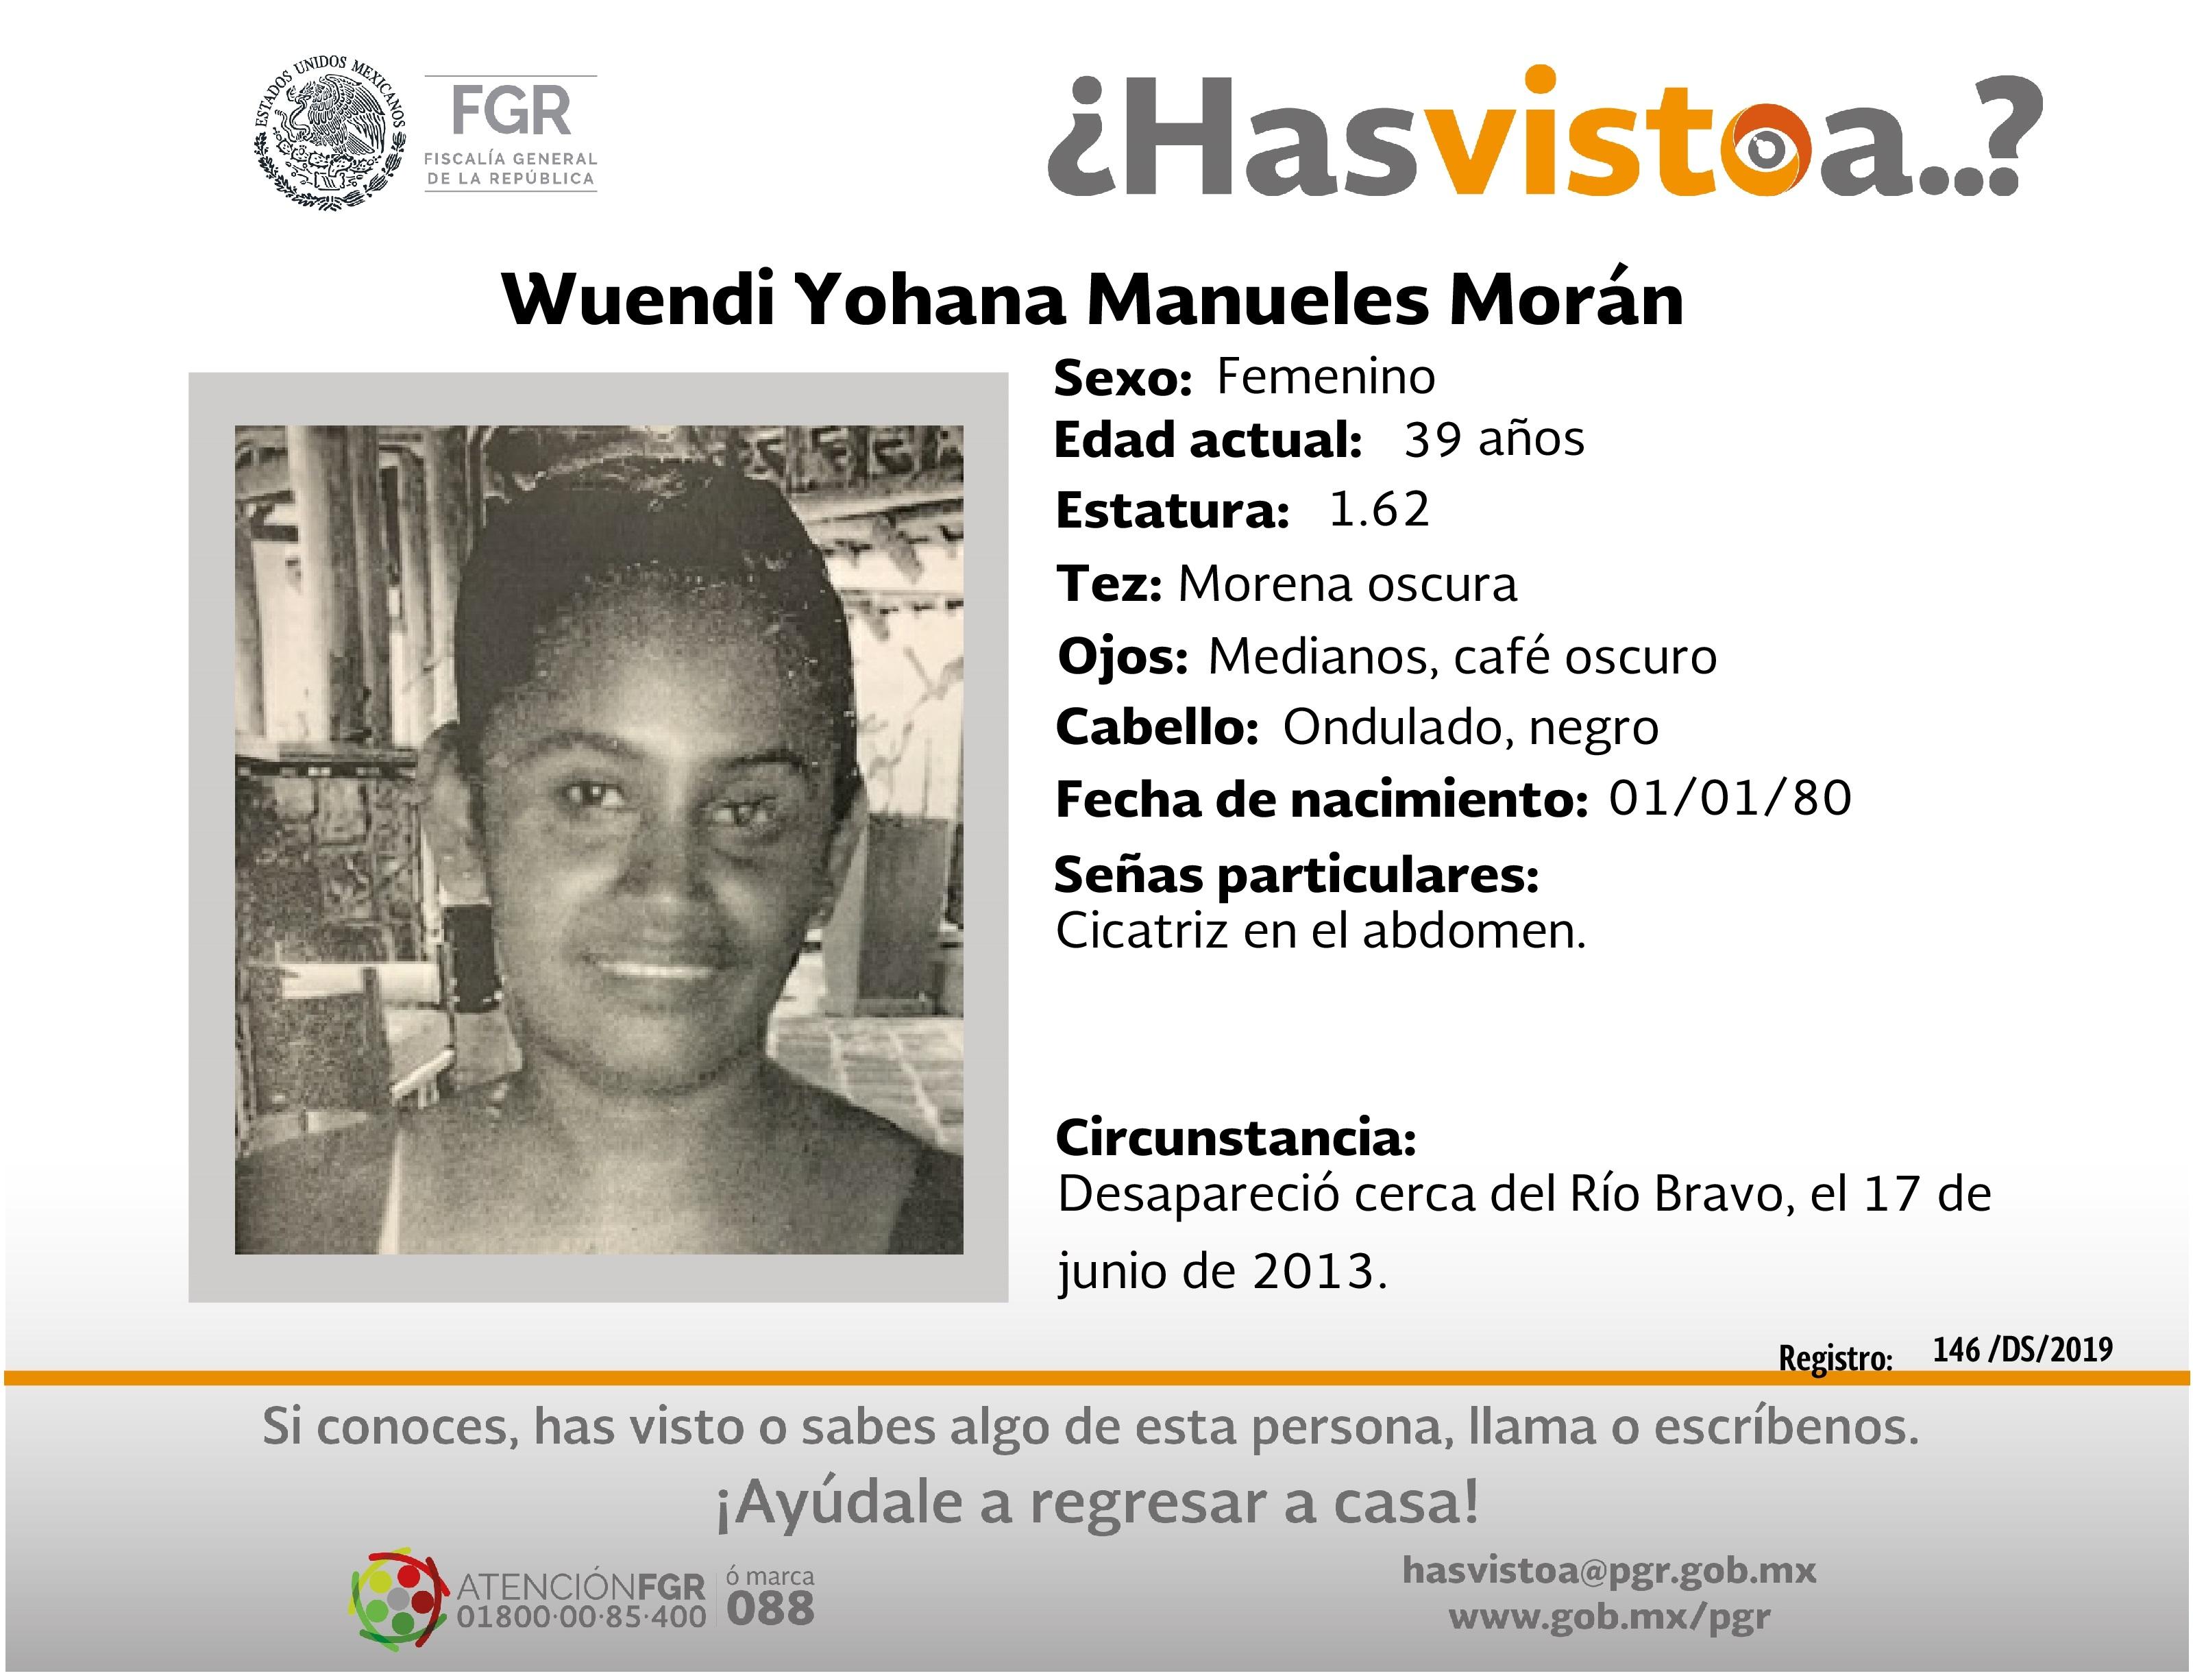 Ayúdanos a localizar a Wuendi Yohana Manueles